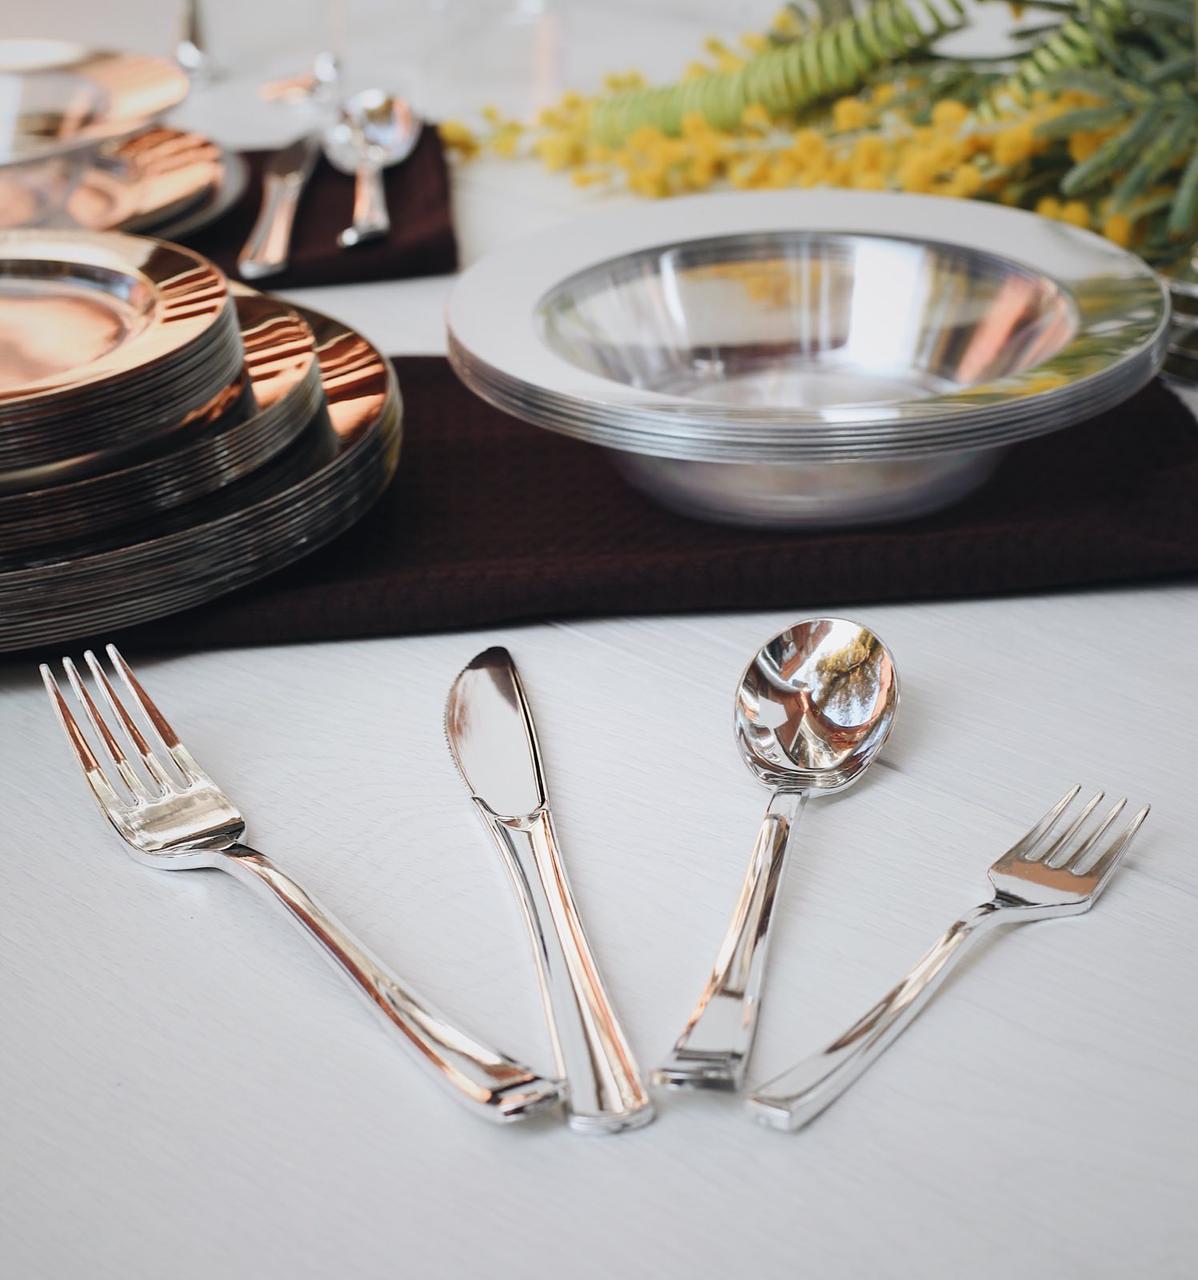 Вилки десертные одноразовые 130 мм 24 шт серебро плотные  для фуршета и кейтеринга Capital For People